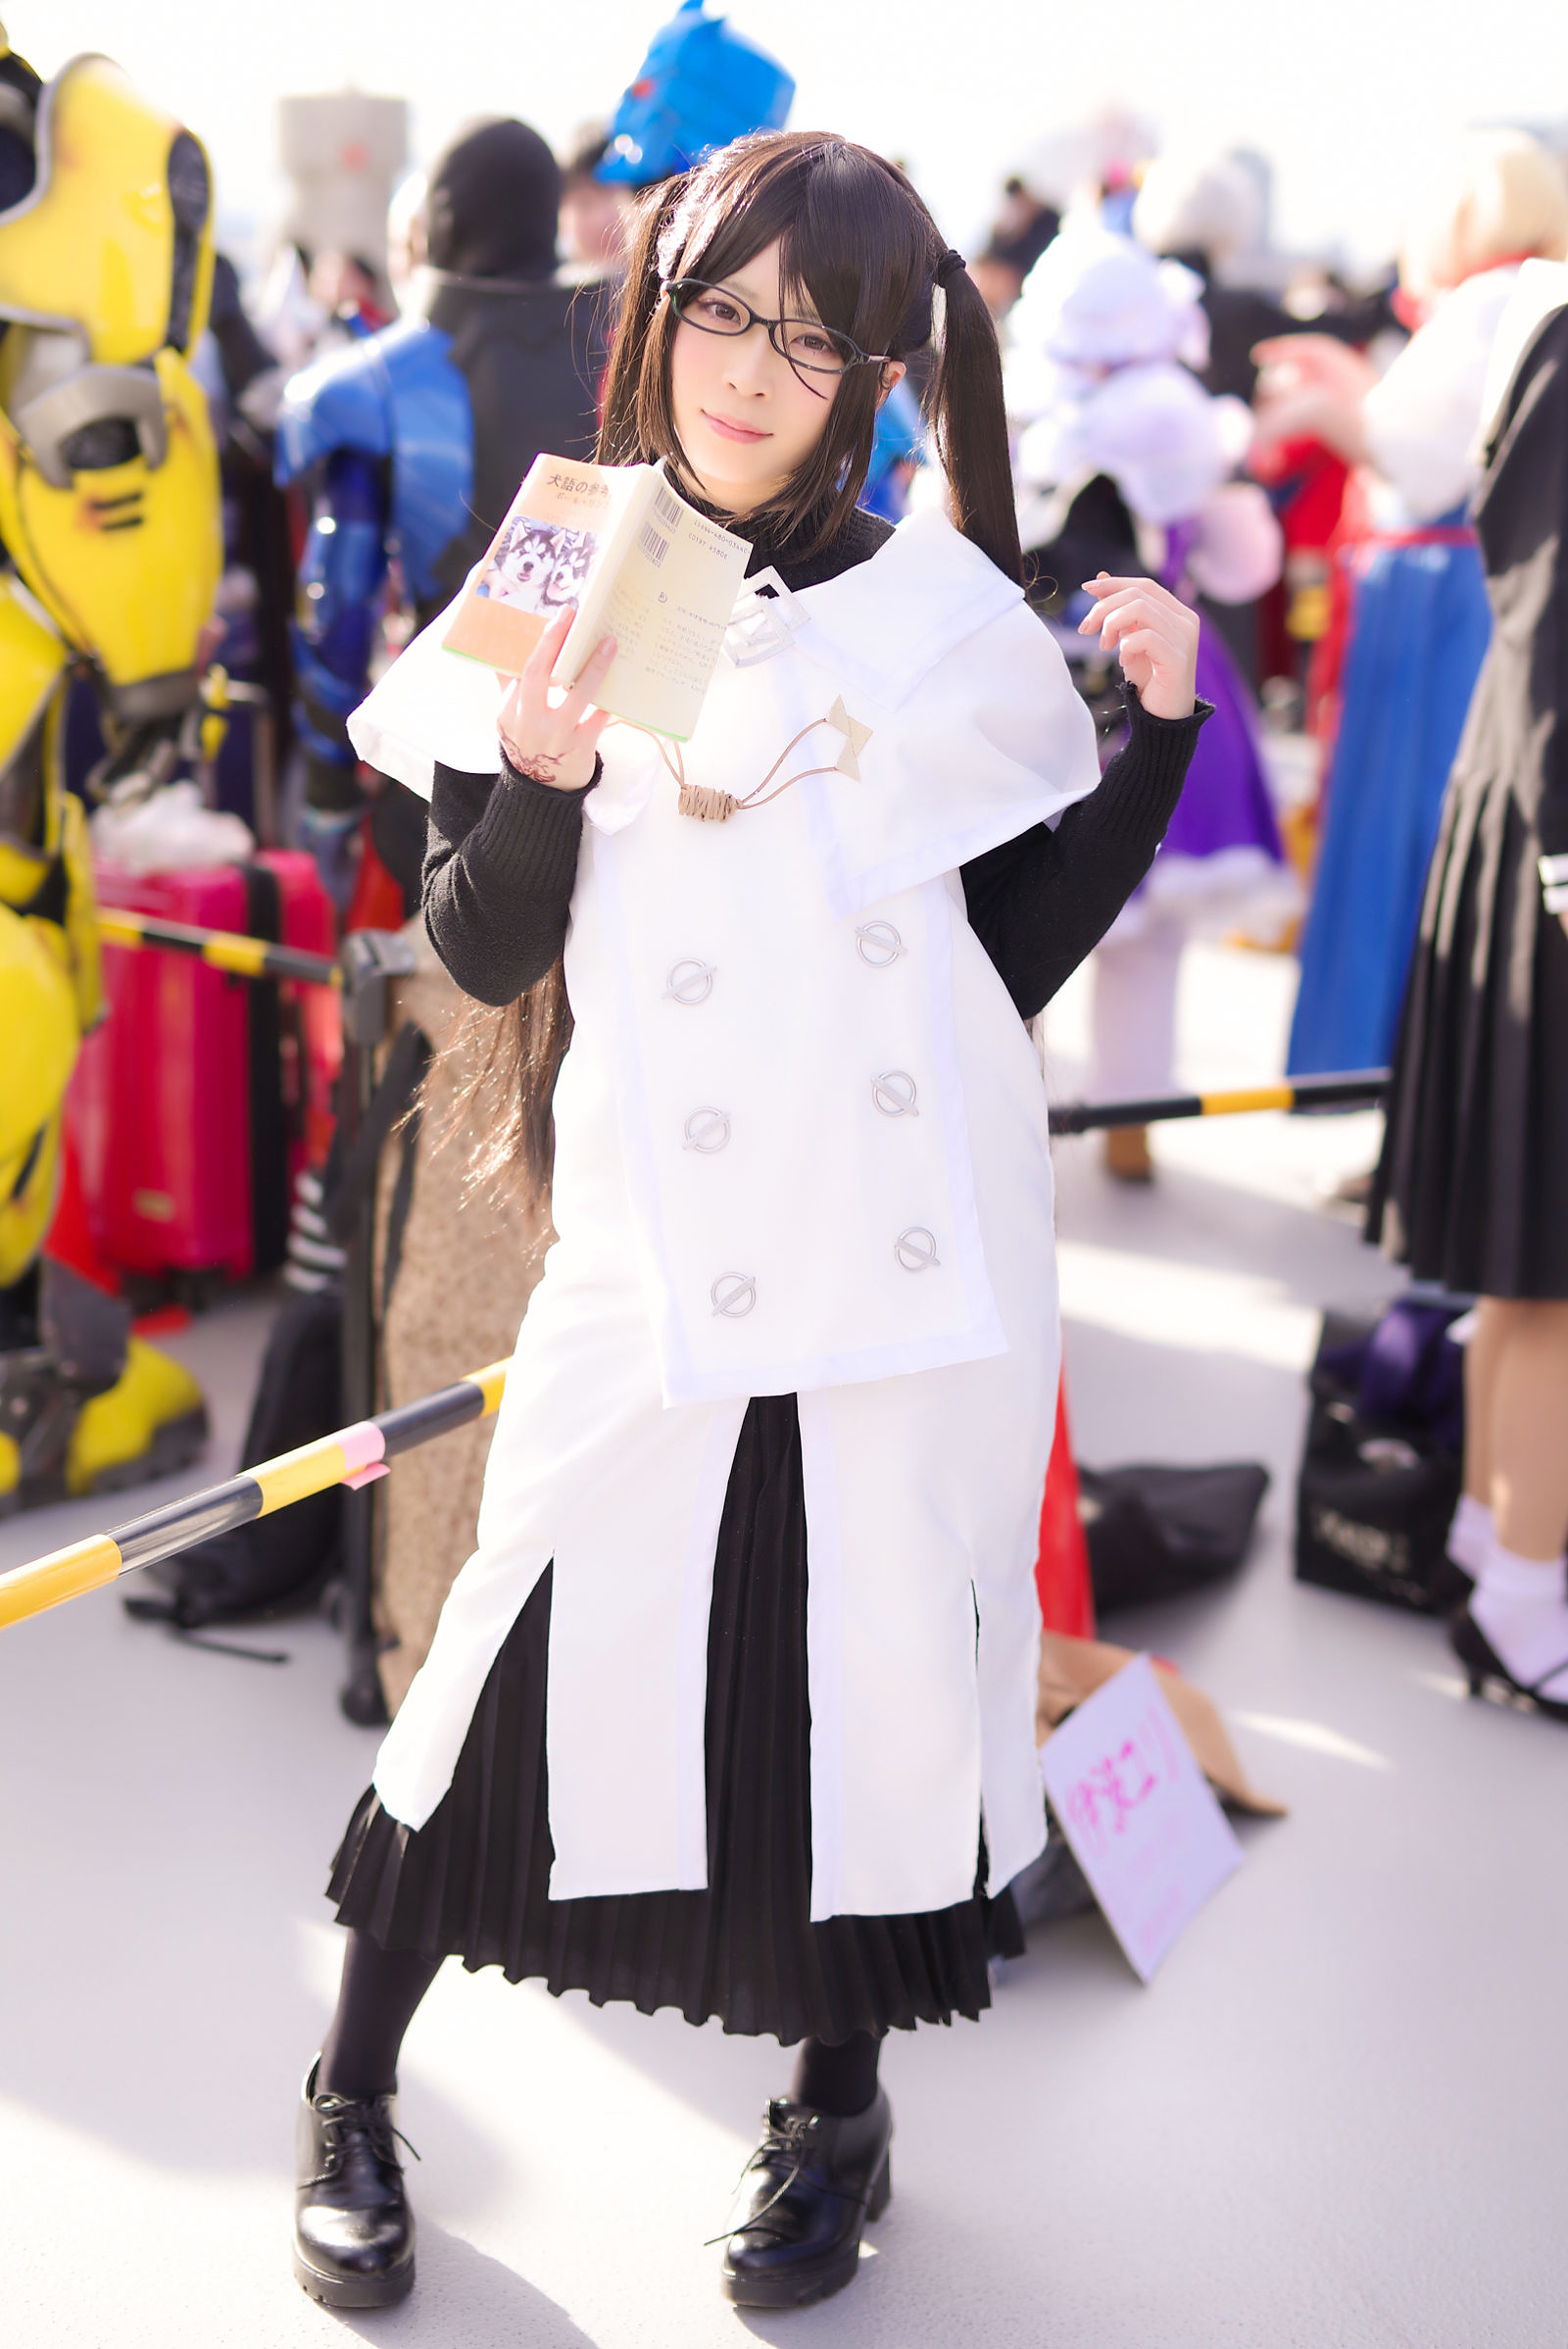 芥ヒナコ(Fate/Grand Order)@伊波ユリさん | PENTAX K-1&D FA★50mm&Cactus V6II&RF60X